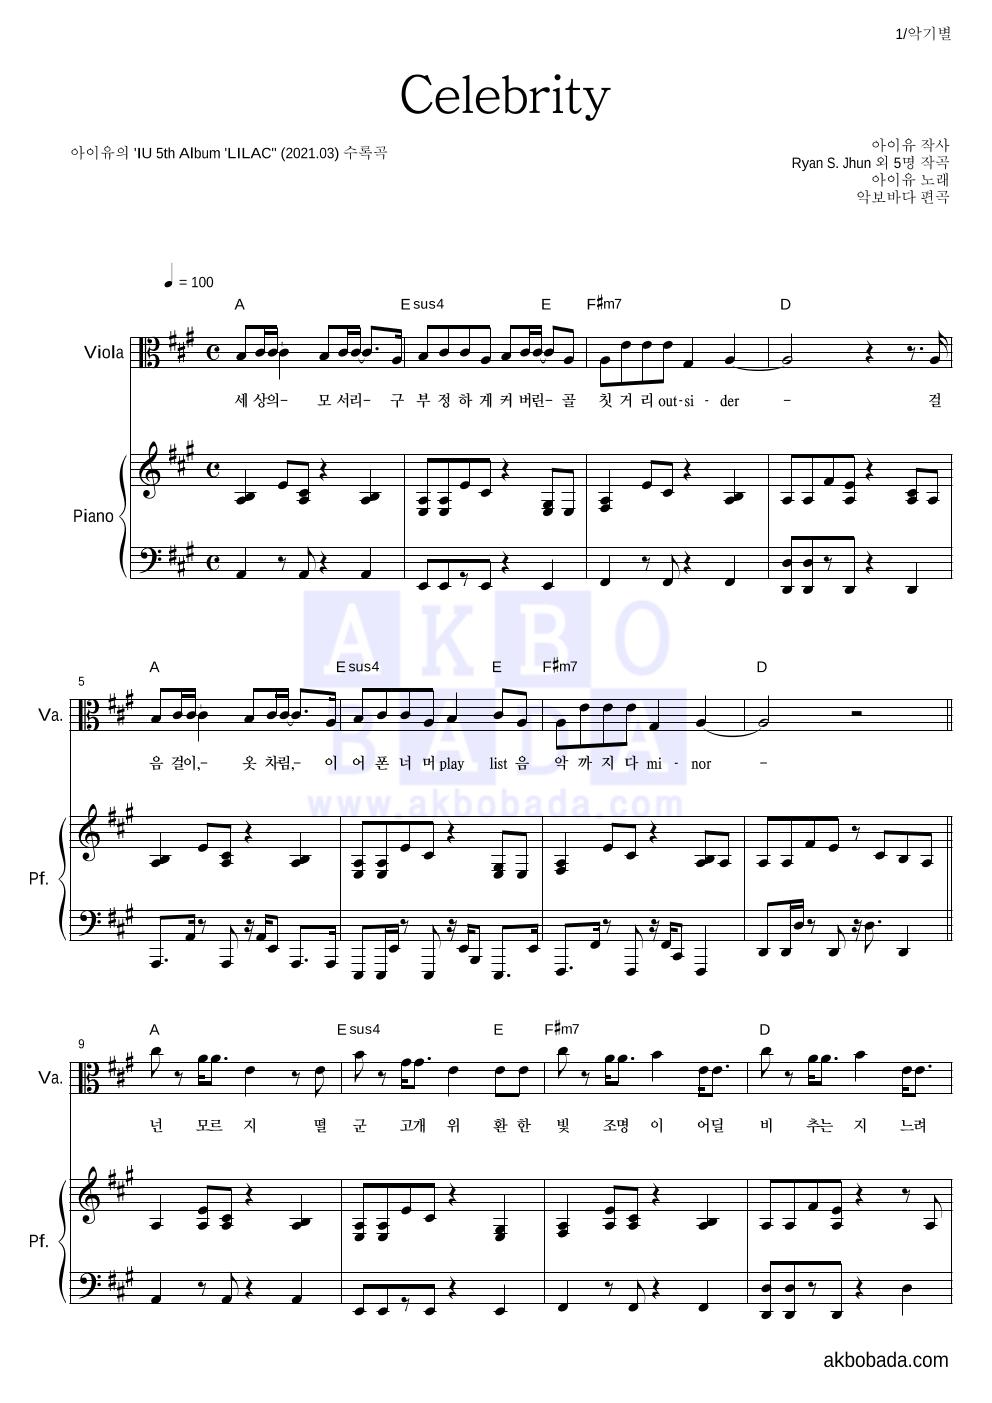 아이유 - Celebrity 비올라&피아노 악보